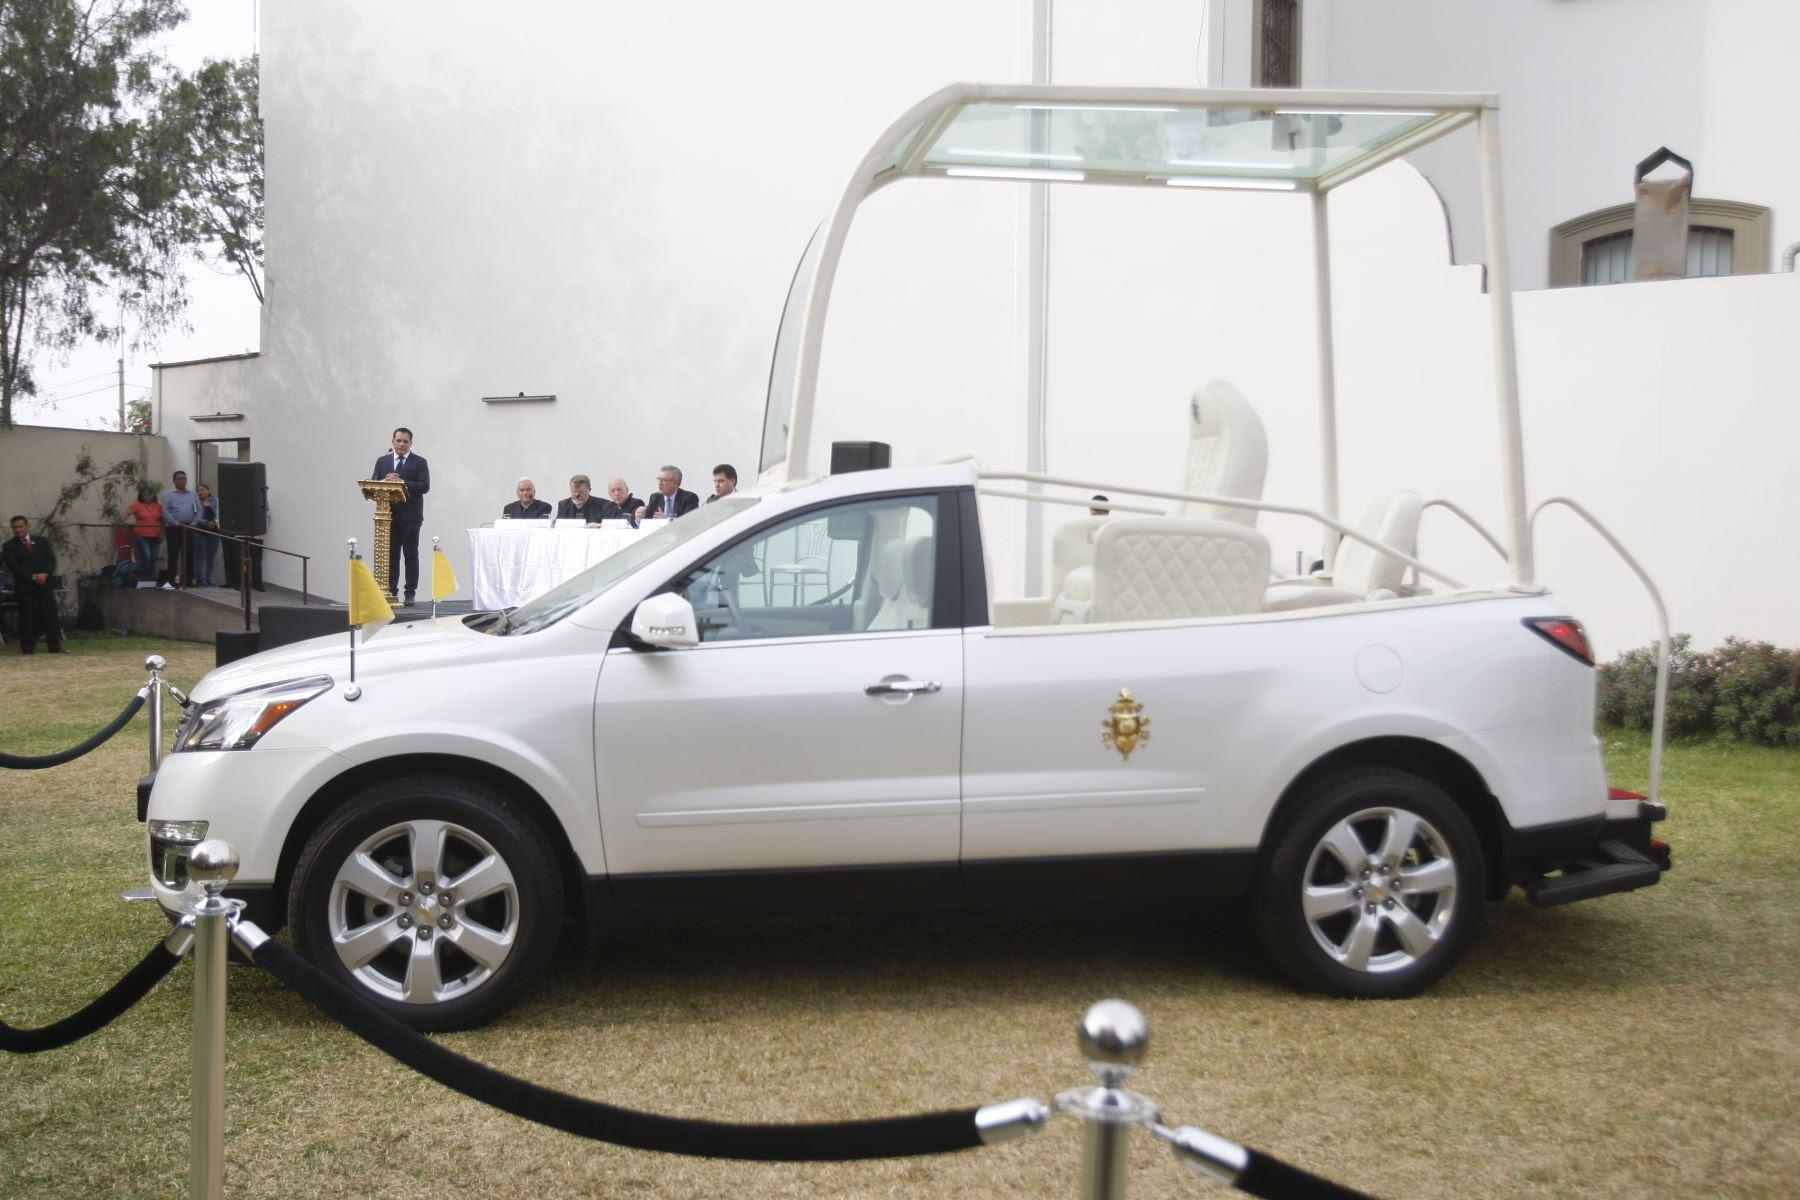 Los autos a usarse en Perú tienen la cúpula de cristal removible y modular. Foto: ANDINA/Eddy Ramos.